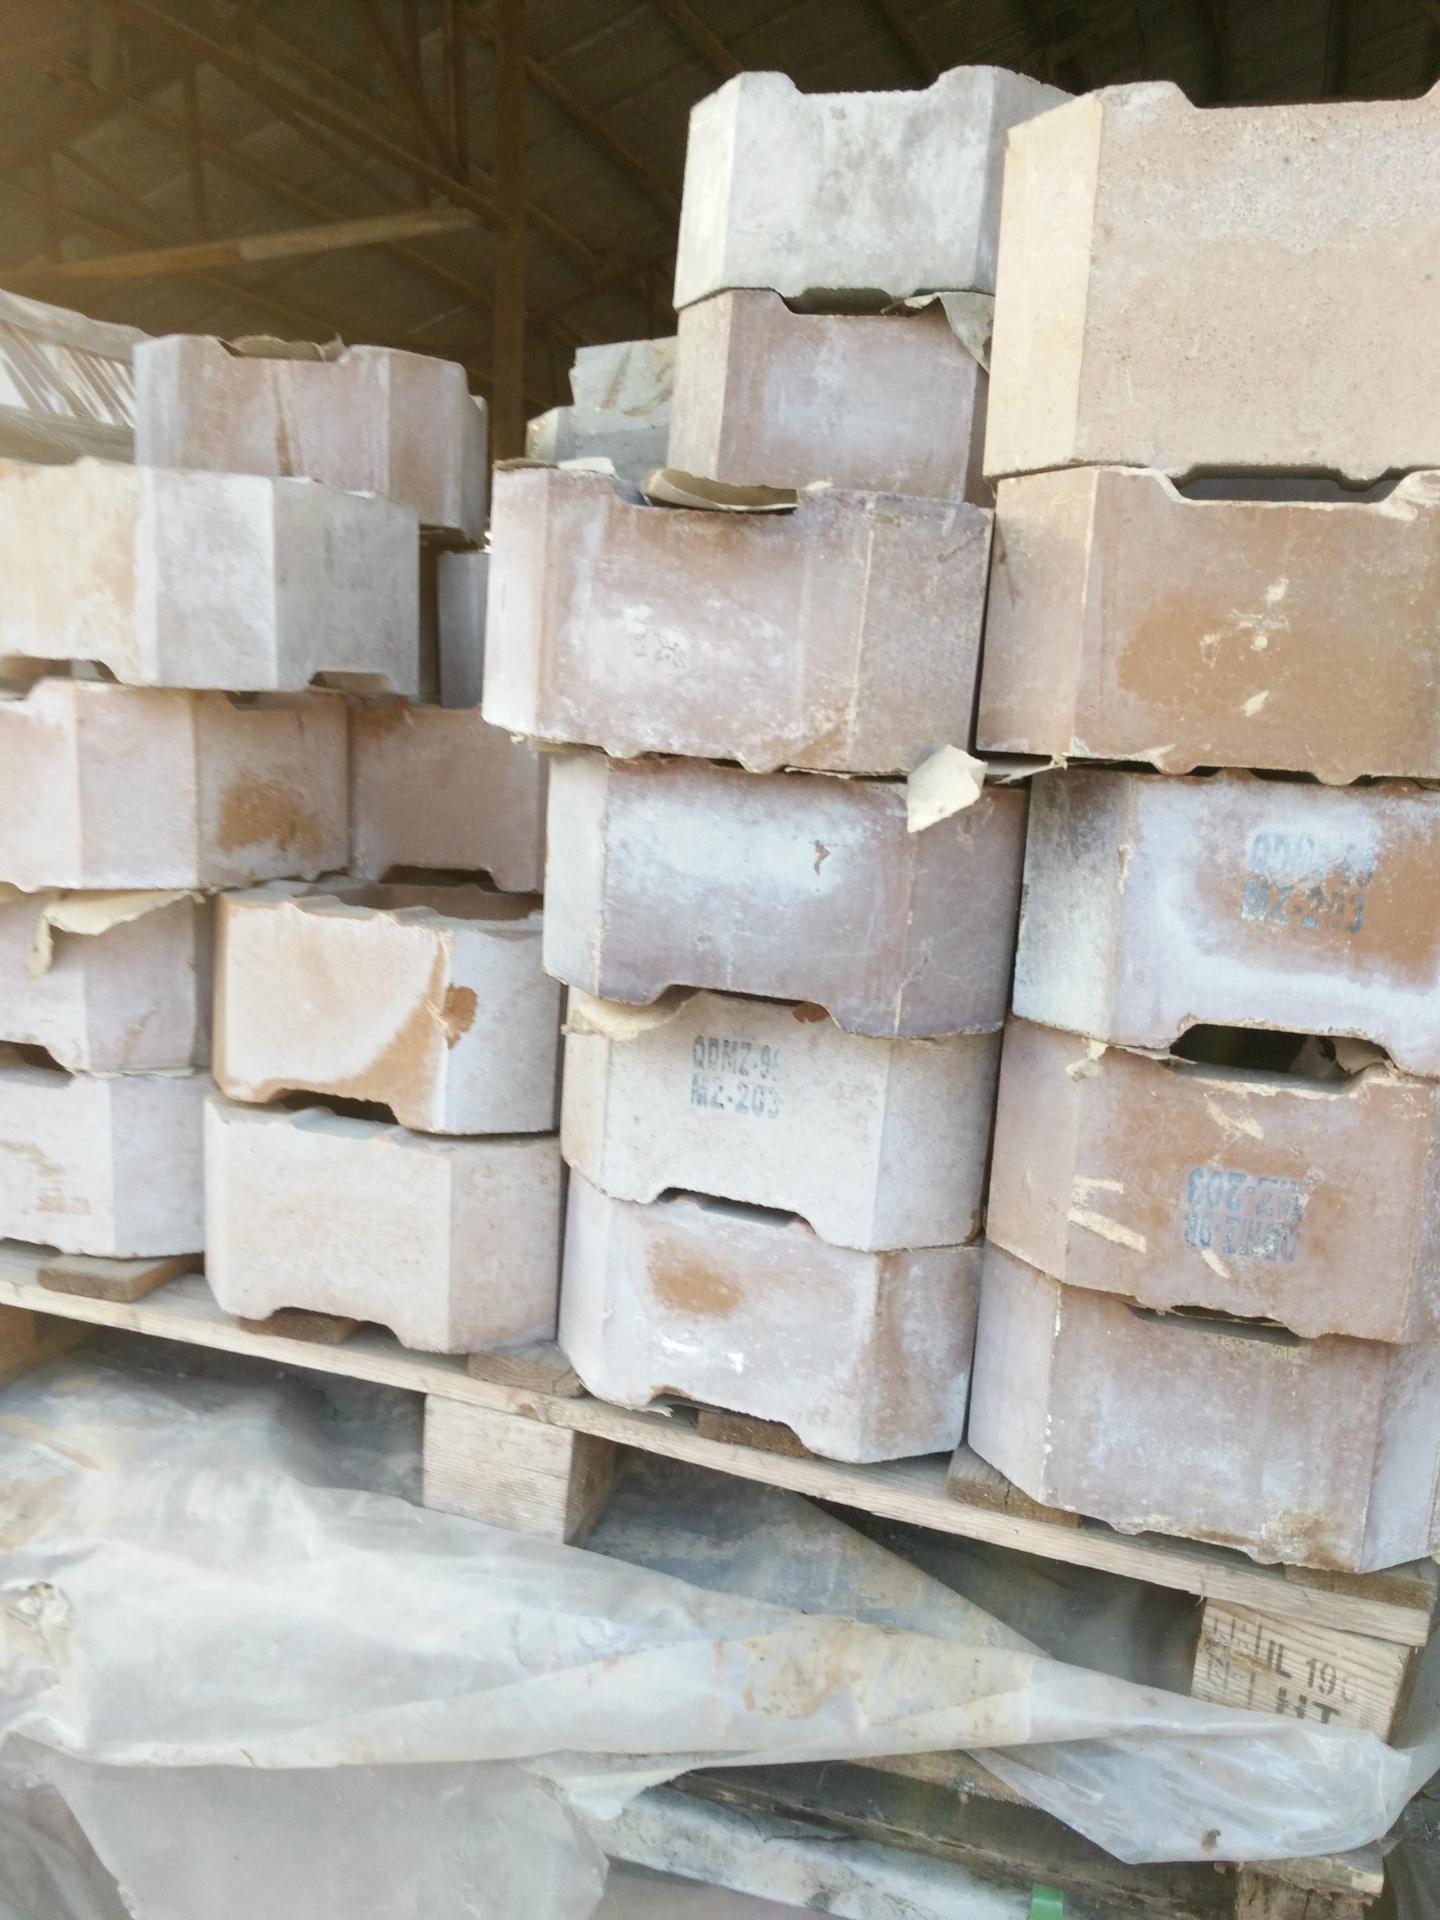 库存解决筒形电熔镁砖烧结莫来石卡脖吊墙砖间接结合镁铬砖胀缝砖